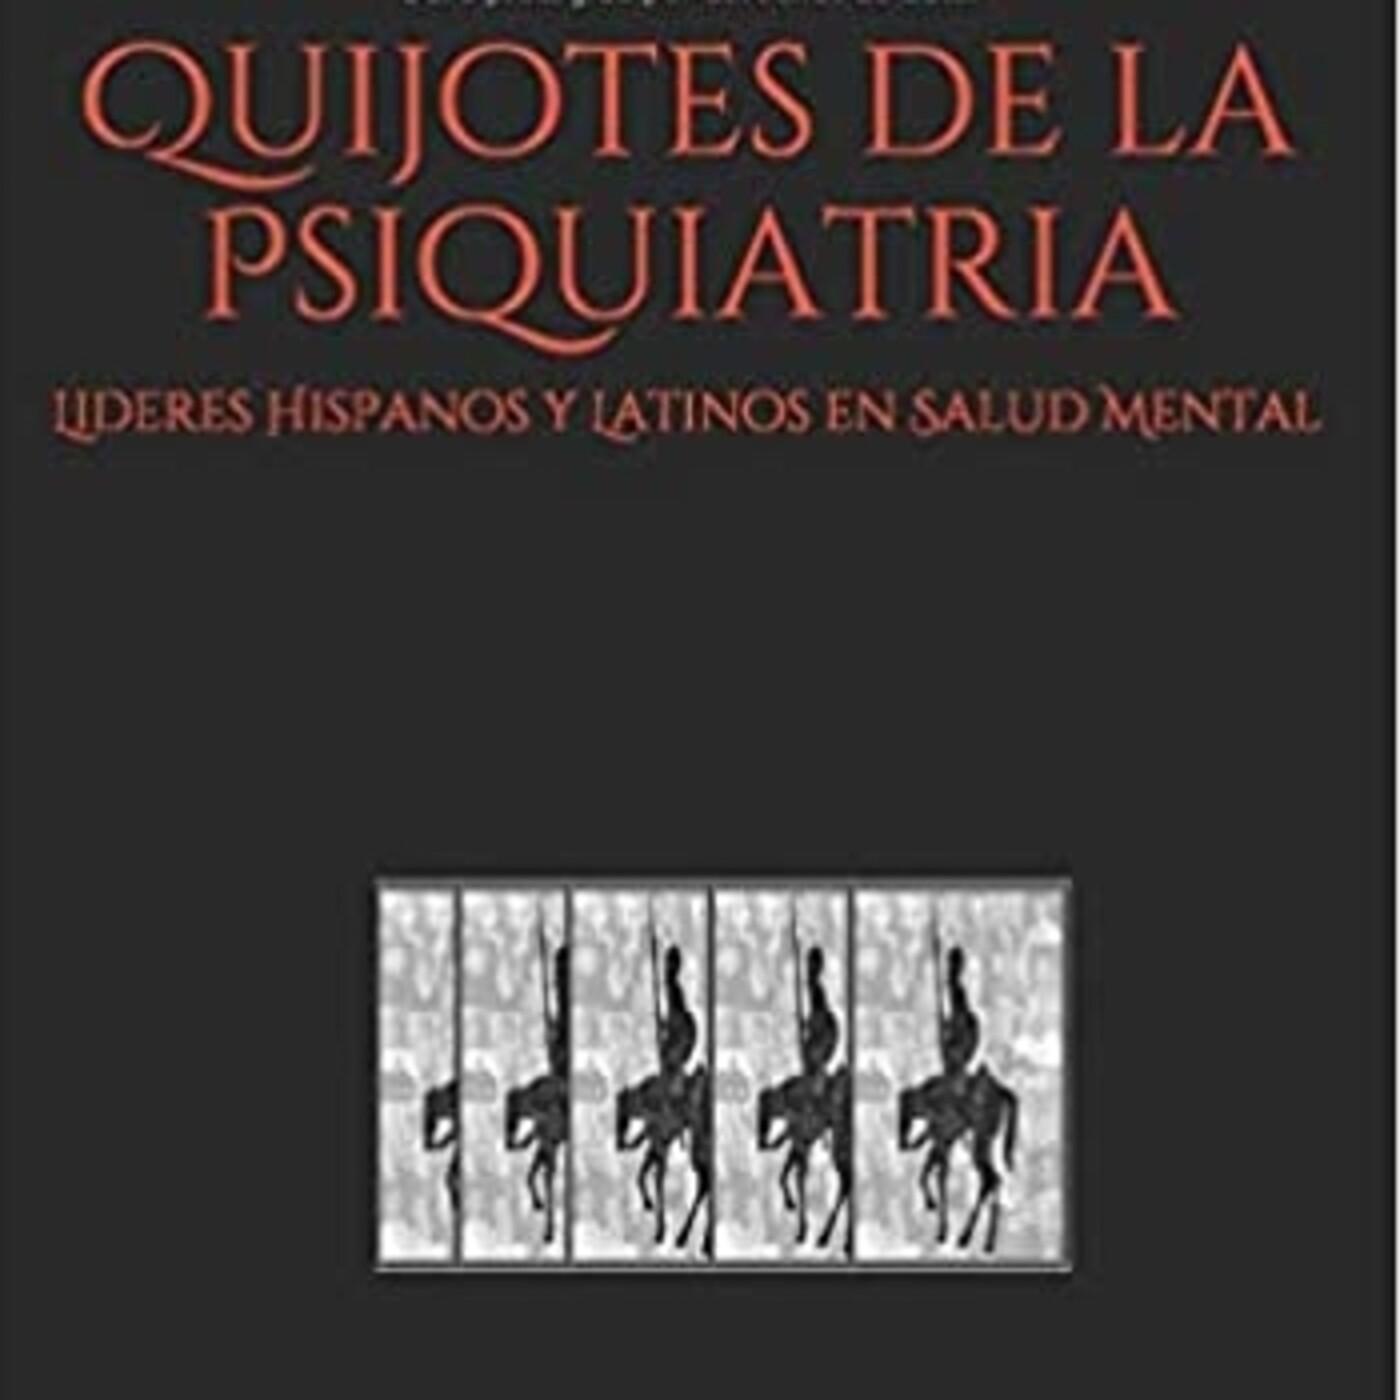 Quijotes de la psiquiatría